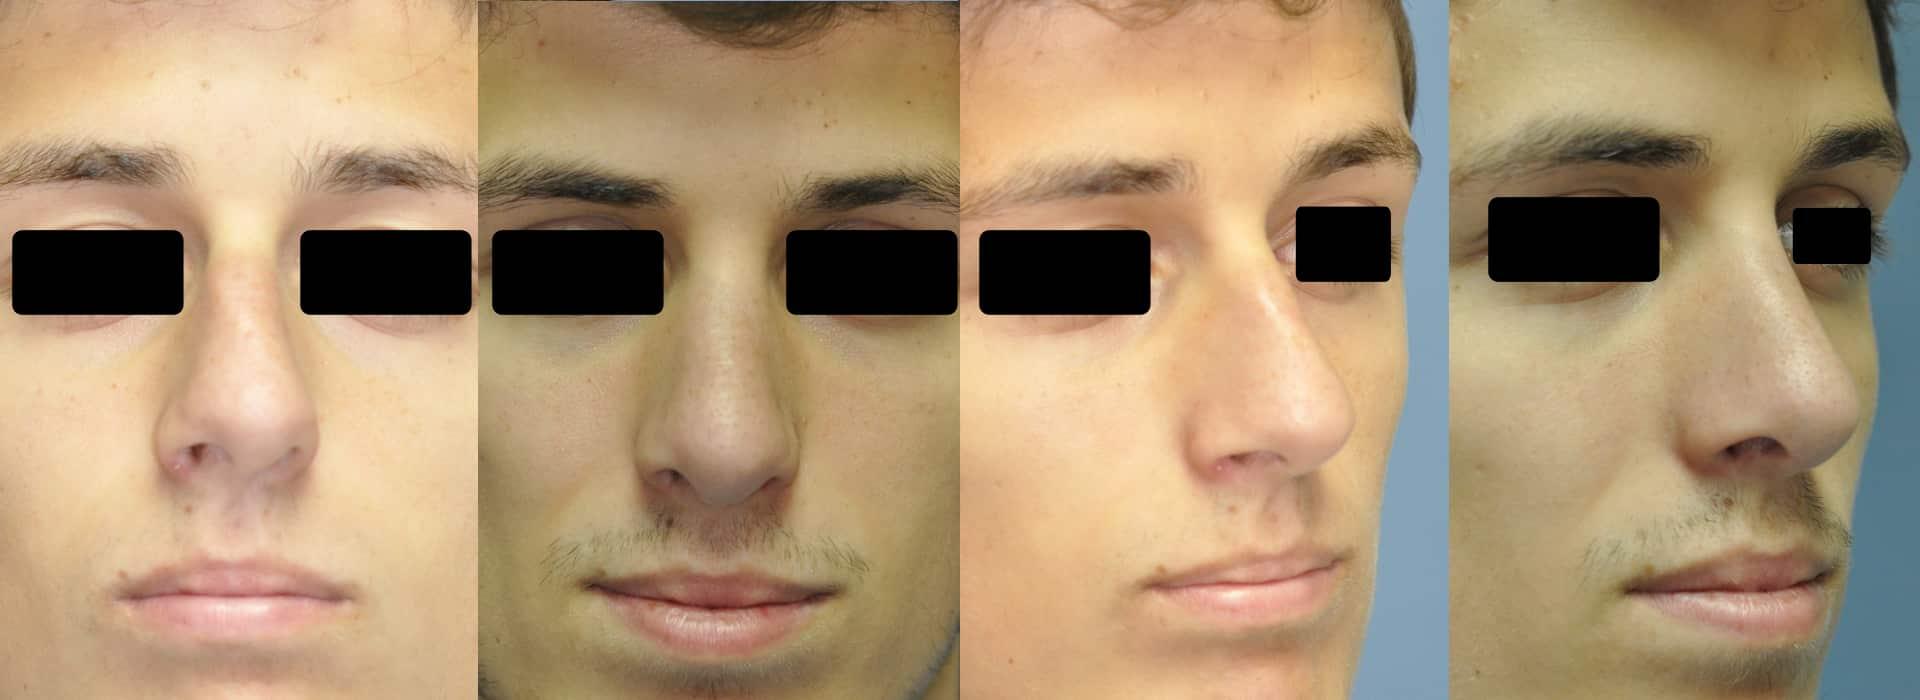 Operación de nariz en adolescente